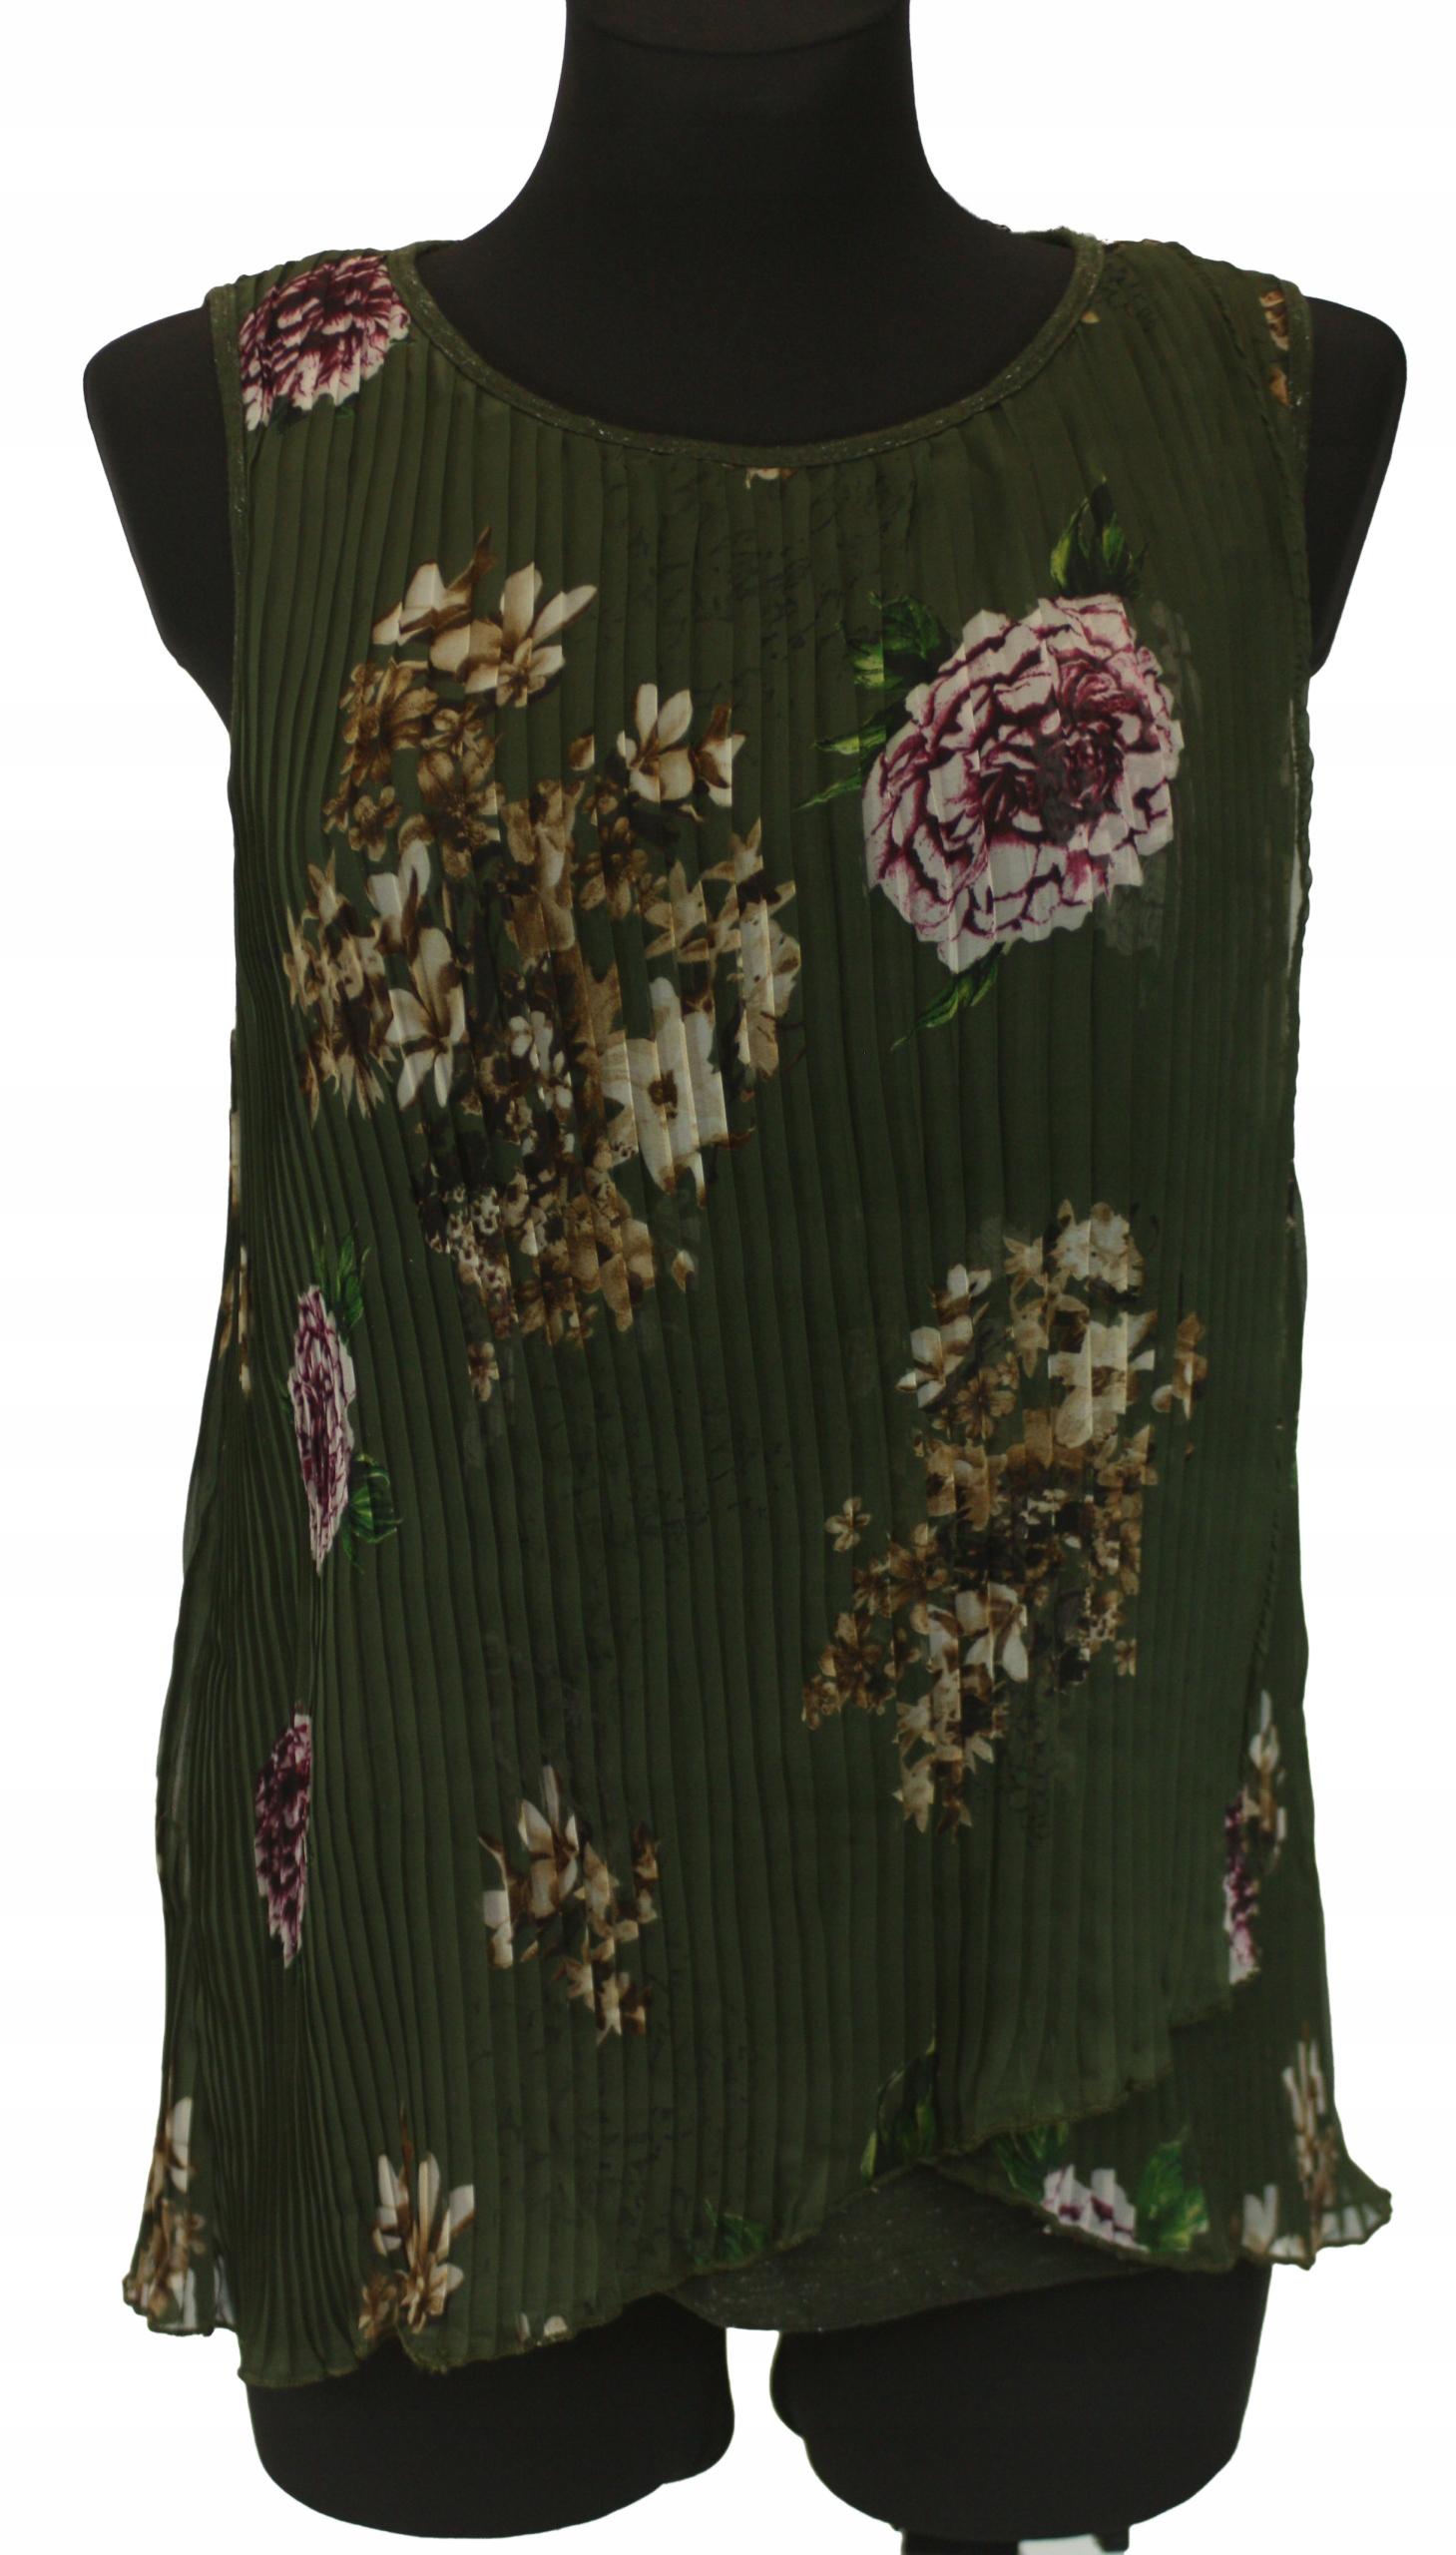 DESIGUÁLNA retro kvetinová vintage skladaná blúzka XL